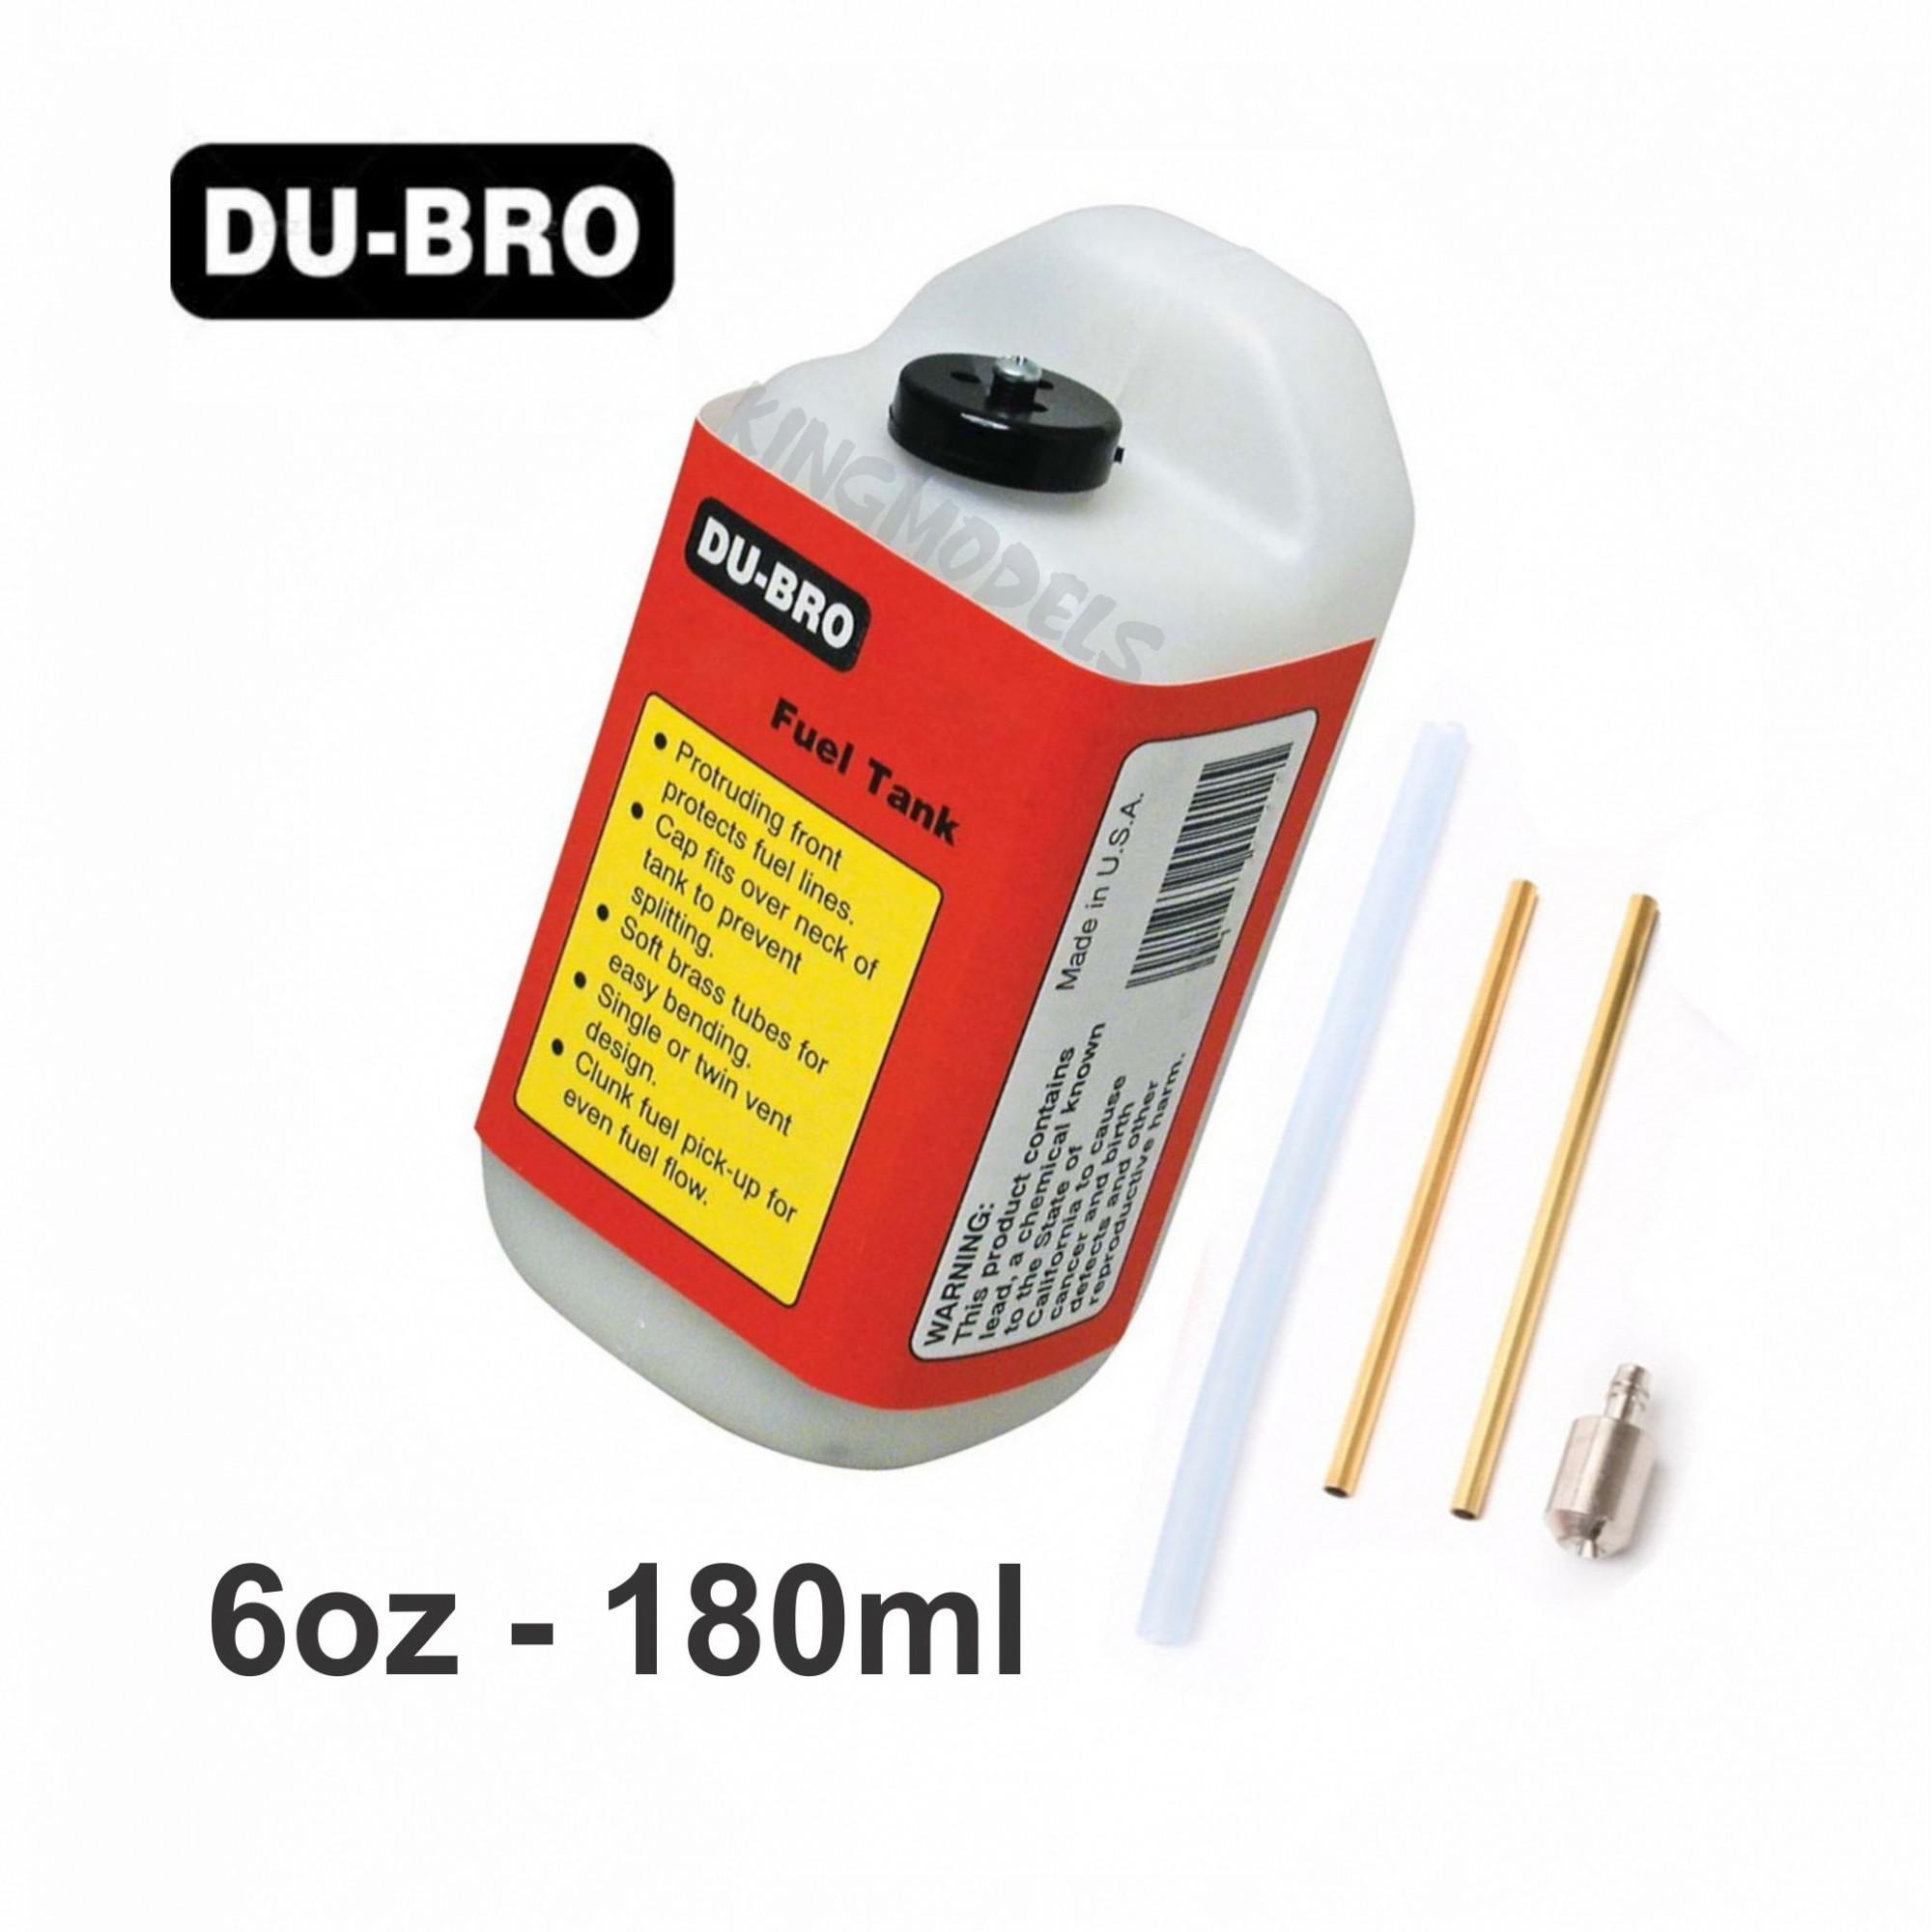 Tanque de Combustível Du-Bro Quadrado -  6oz - 180ml  - King Models